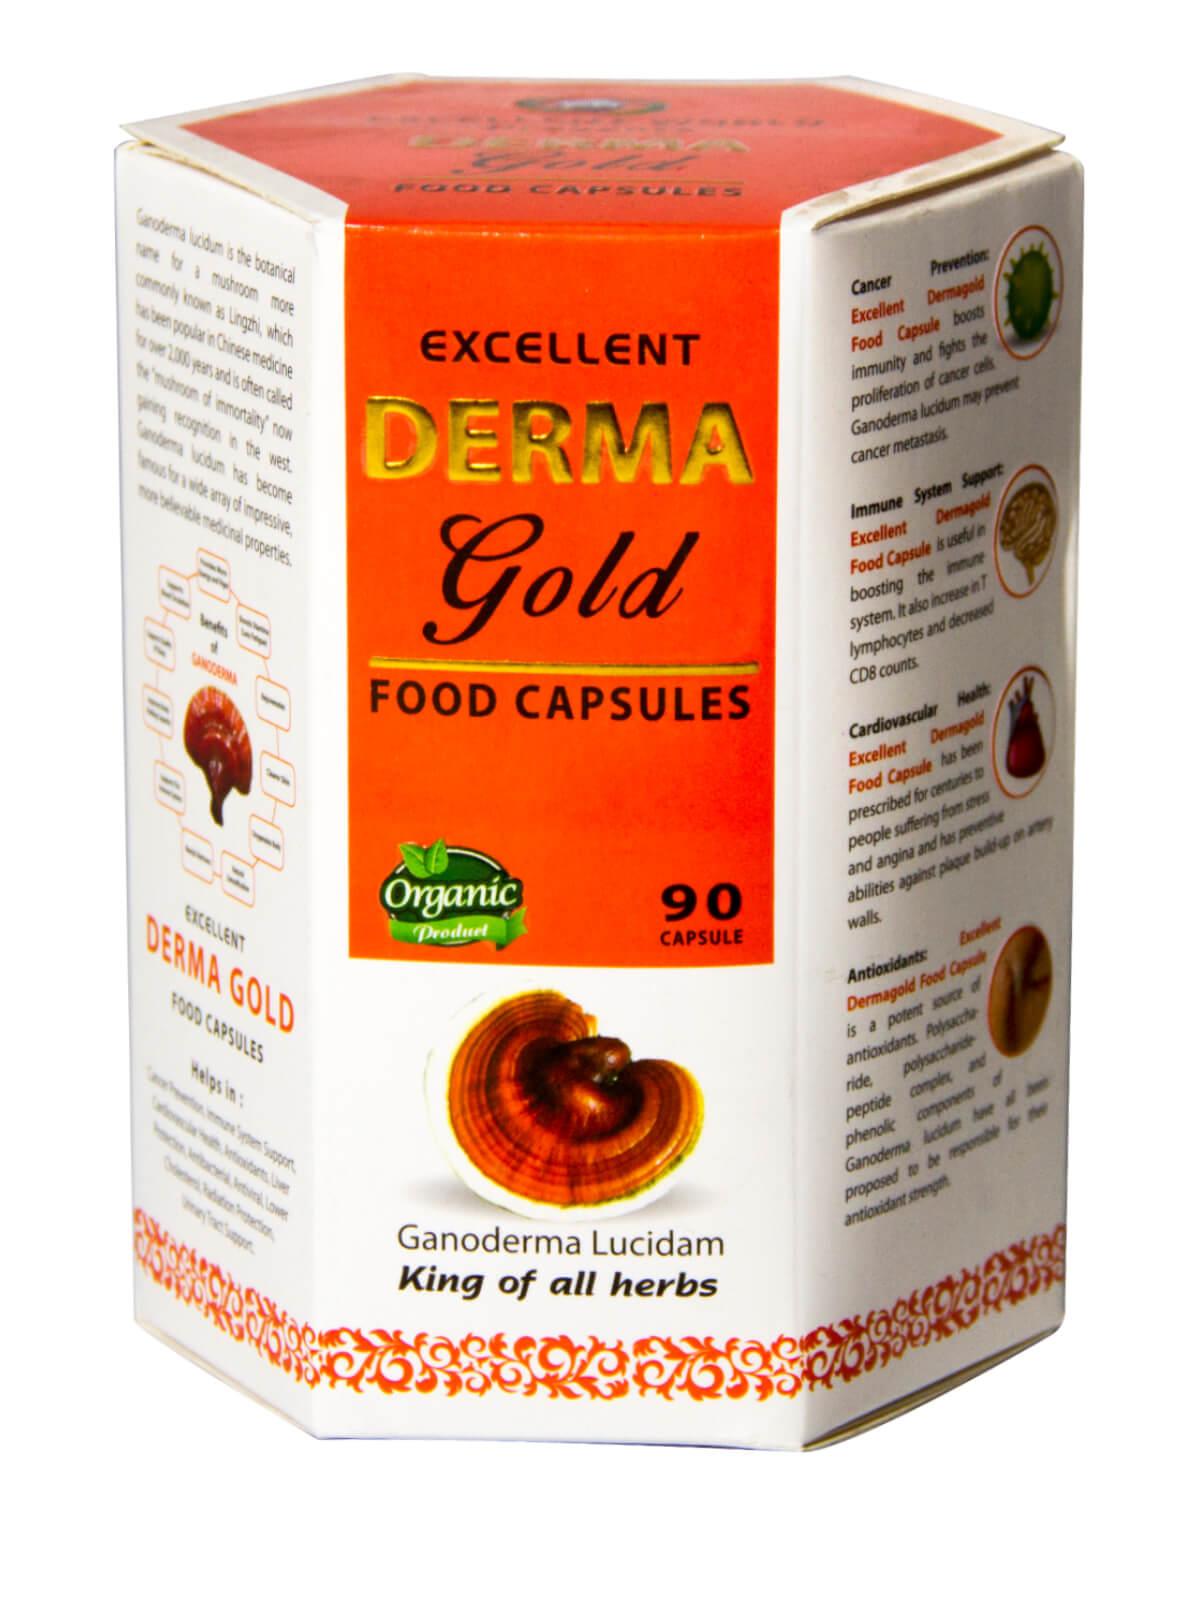 Derma Gold Food Capsules